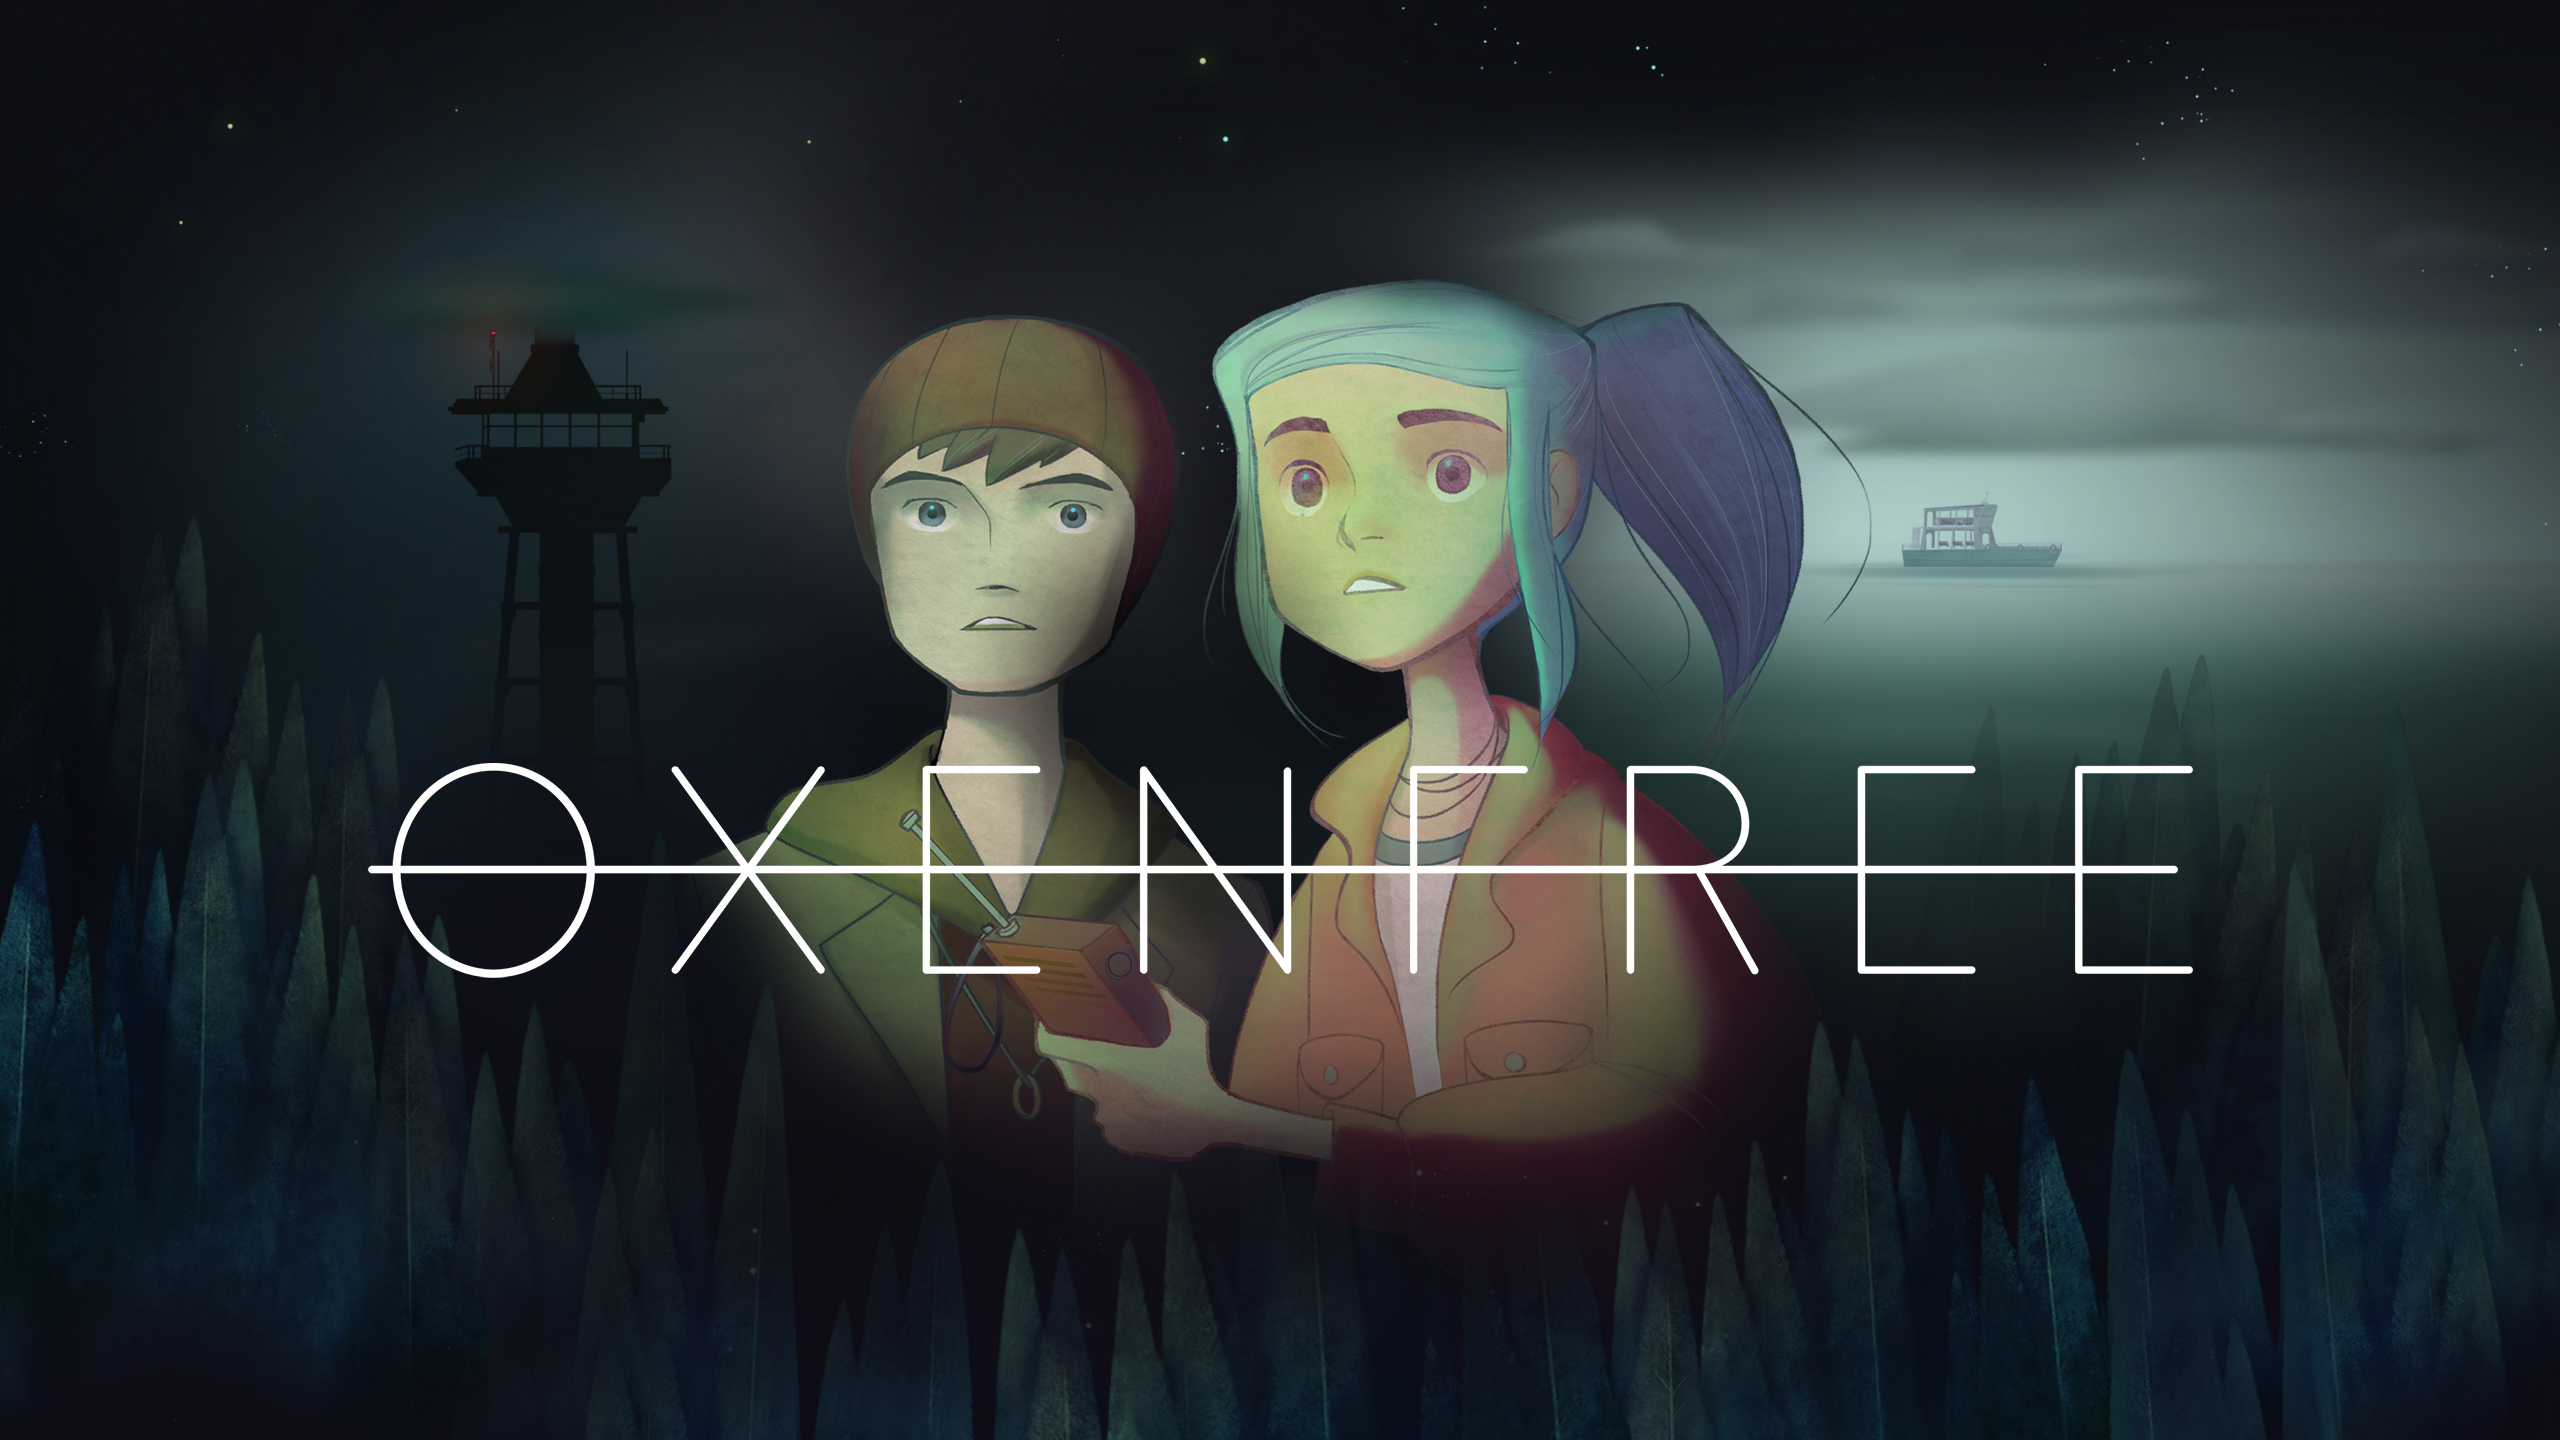 """Gra """"Oxenfree"""" jest dostępna bezpłatnie od 21marca (16:00 CET) do 4kwietnia (16:59 CEST)!"""